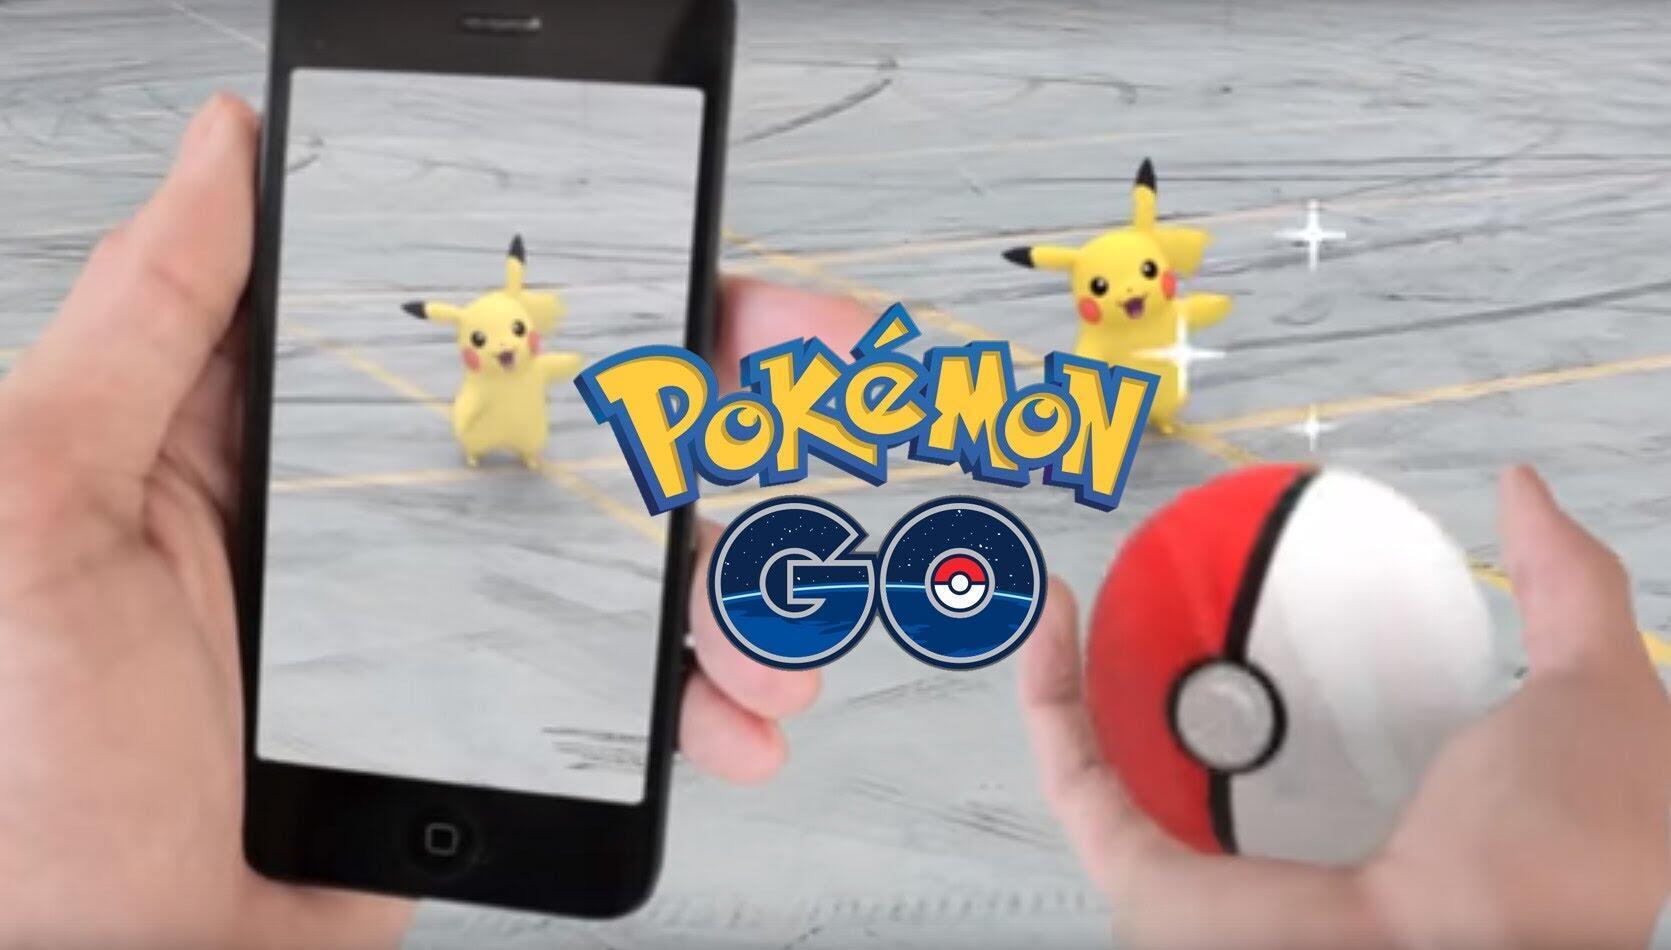 Le jeu Pokemon Go pour smartphone a été lancé le 6 juillet aux États-Unis, en Australie et en Nouvelle-Zélande